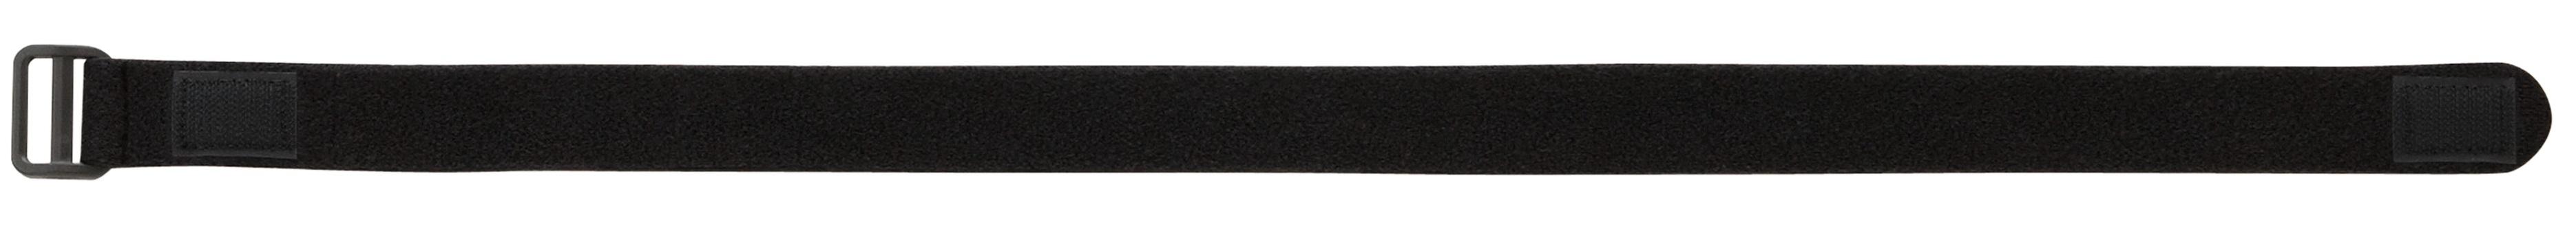 OST16 Extension belt 600mm